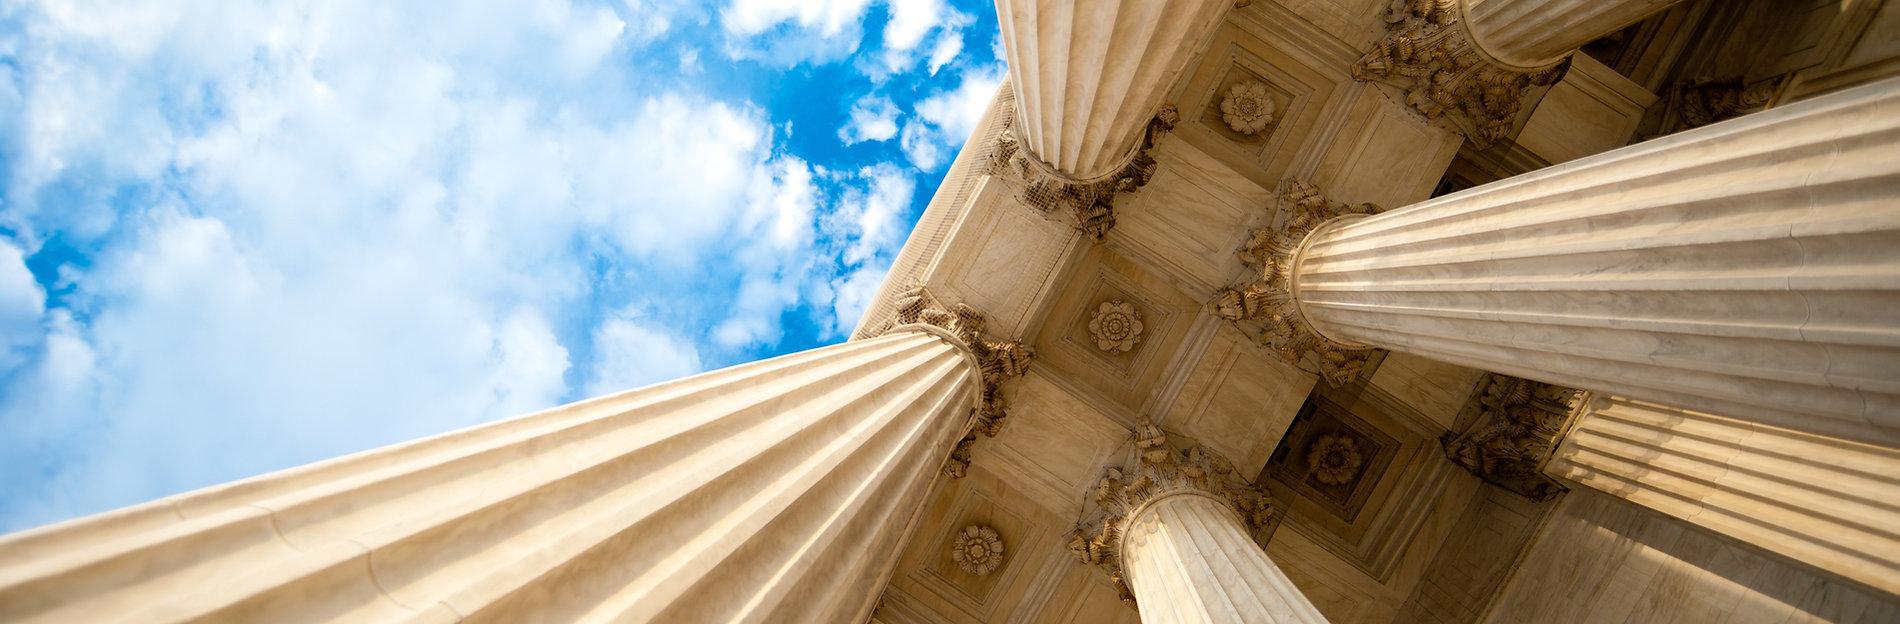 Charles Rho - Rho Law Group - Abogado de Ley -Leciones personales y accidentes de los angeles